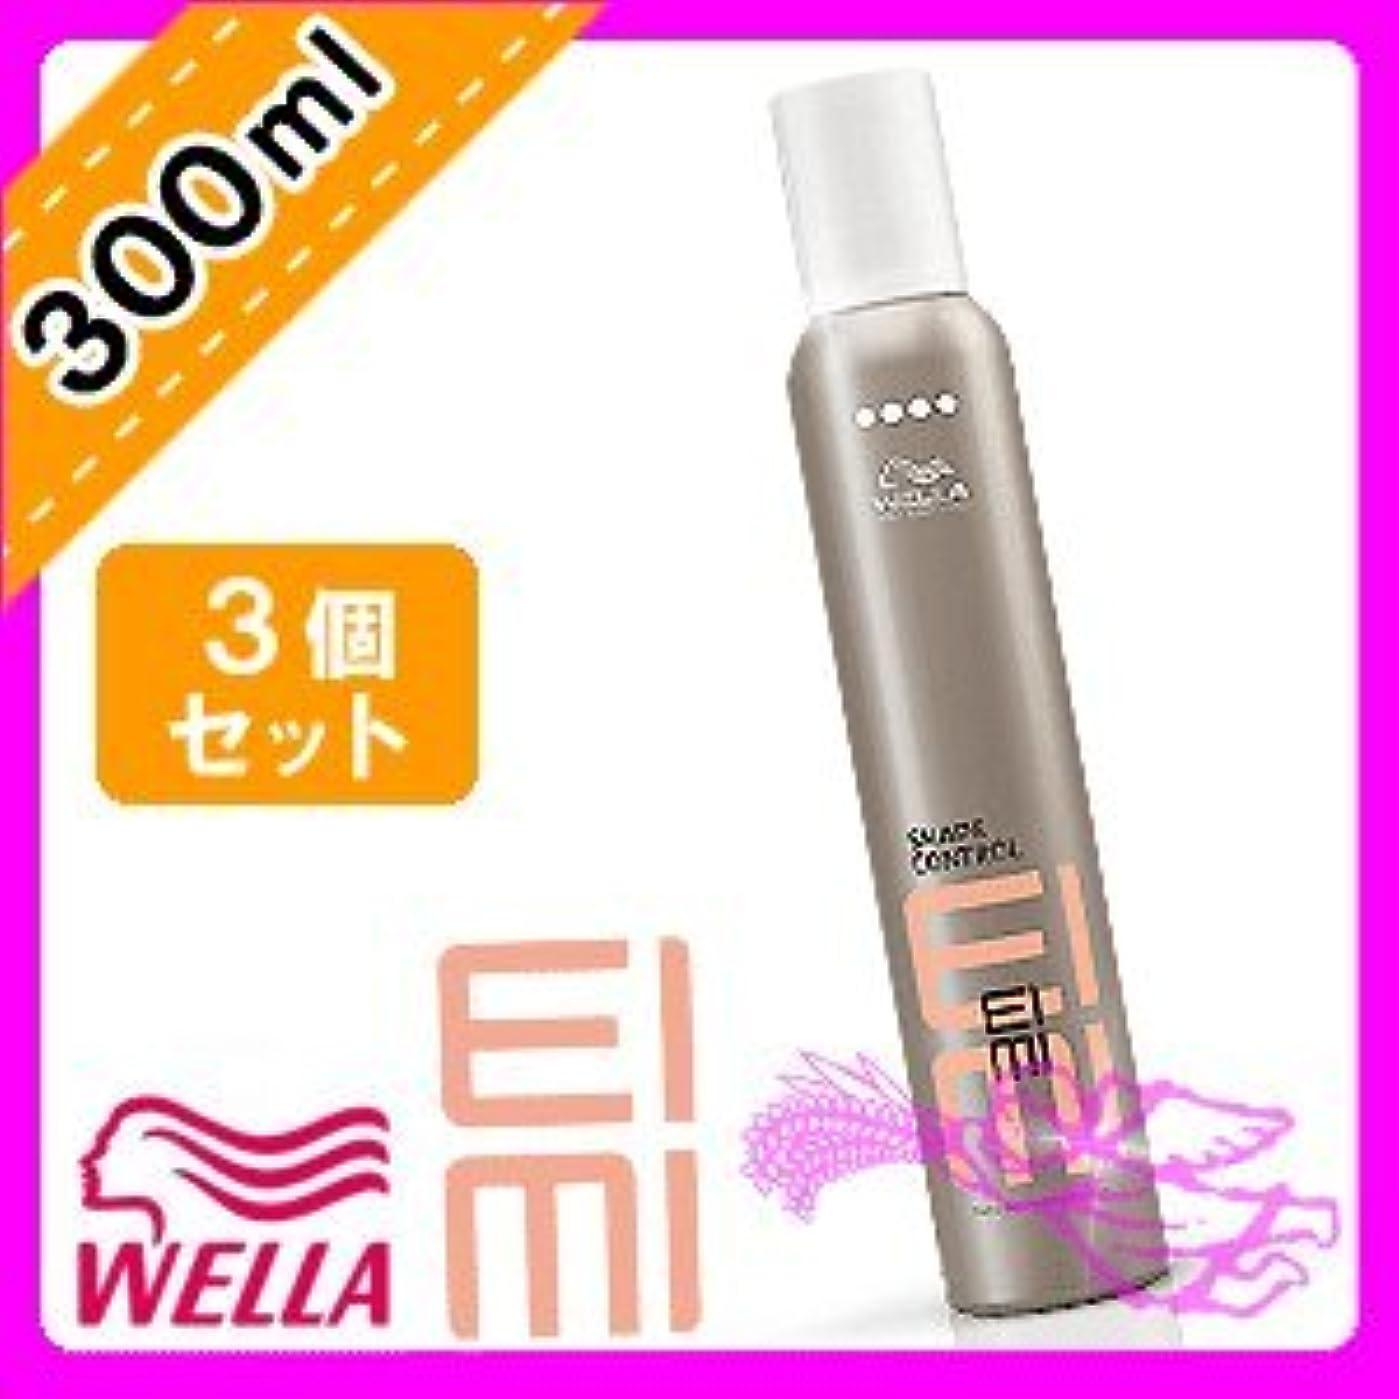 ウエラ EIMI(アイミィ) シェイプコントロールムース 300ml ×3個 セット WELLA P&G